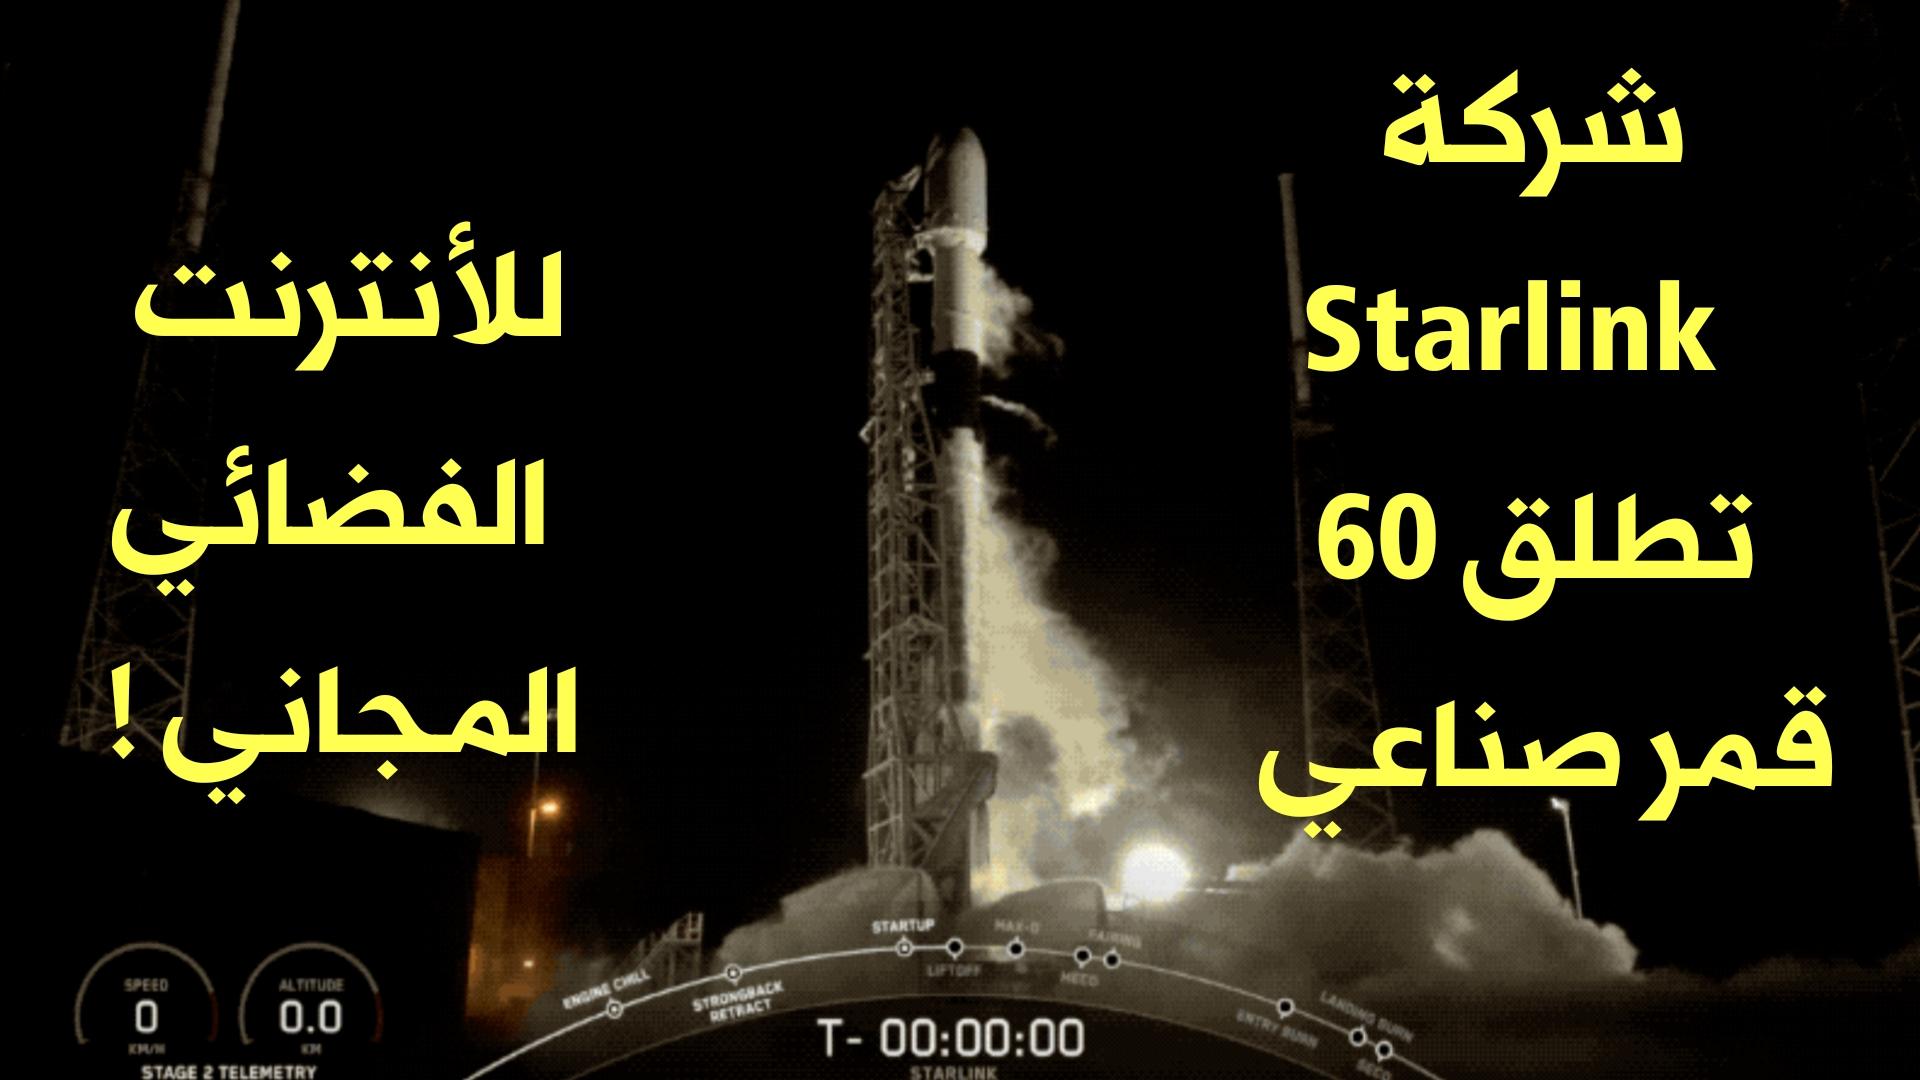 شركة Starlink تطلق 60 قمراً صناعياً جديدأً للأنترنت الفضائي المجاني !